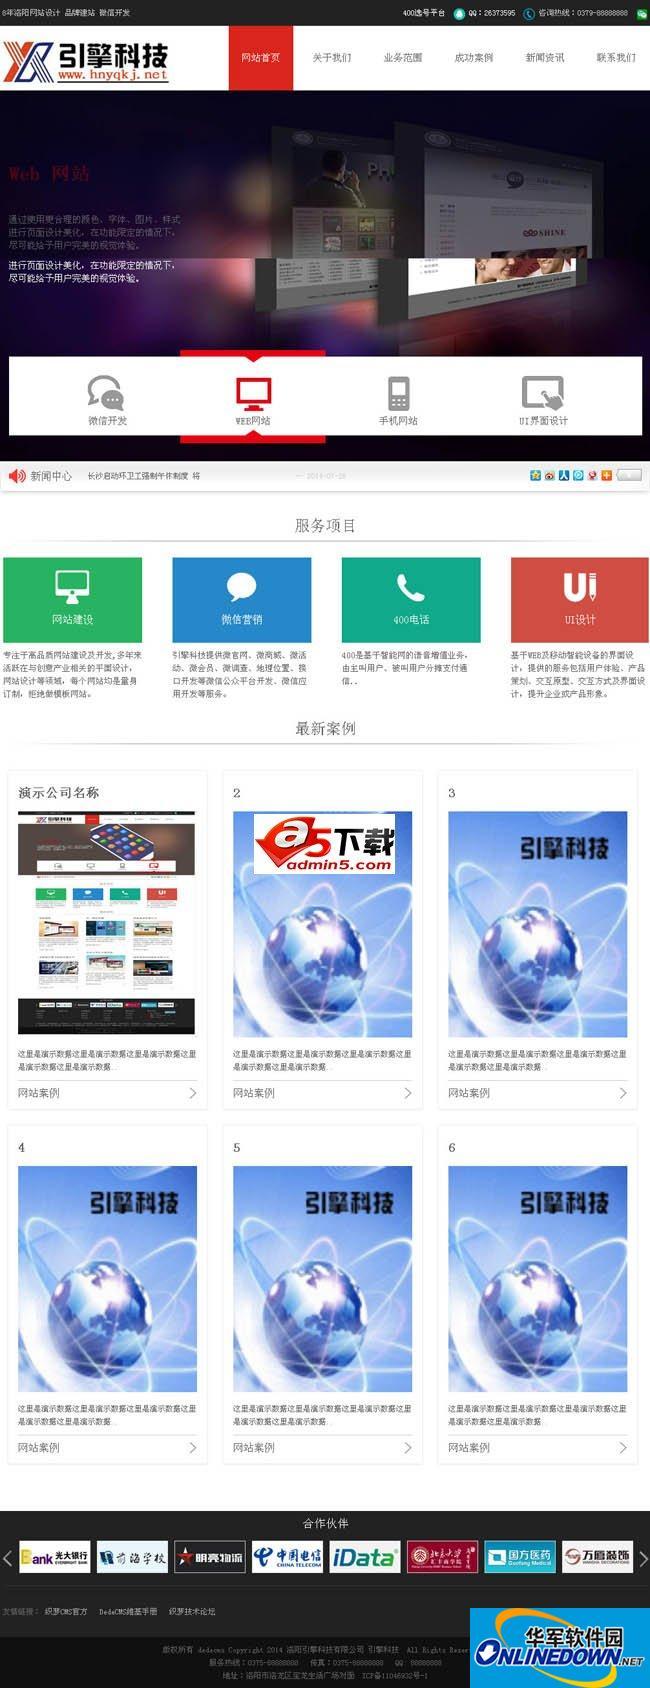 织梦企业模板_网络科技公司整站 PC版